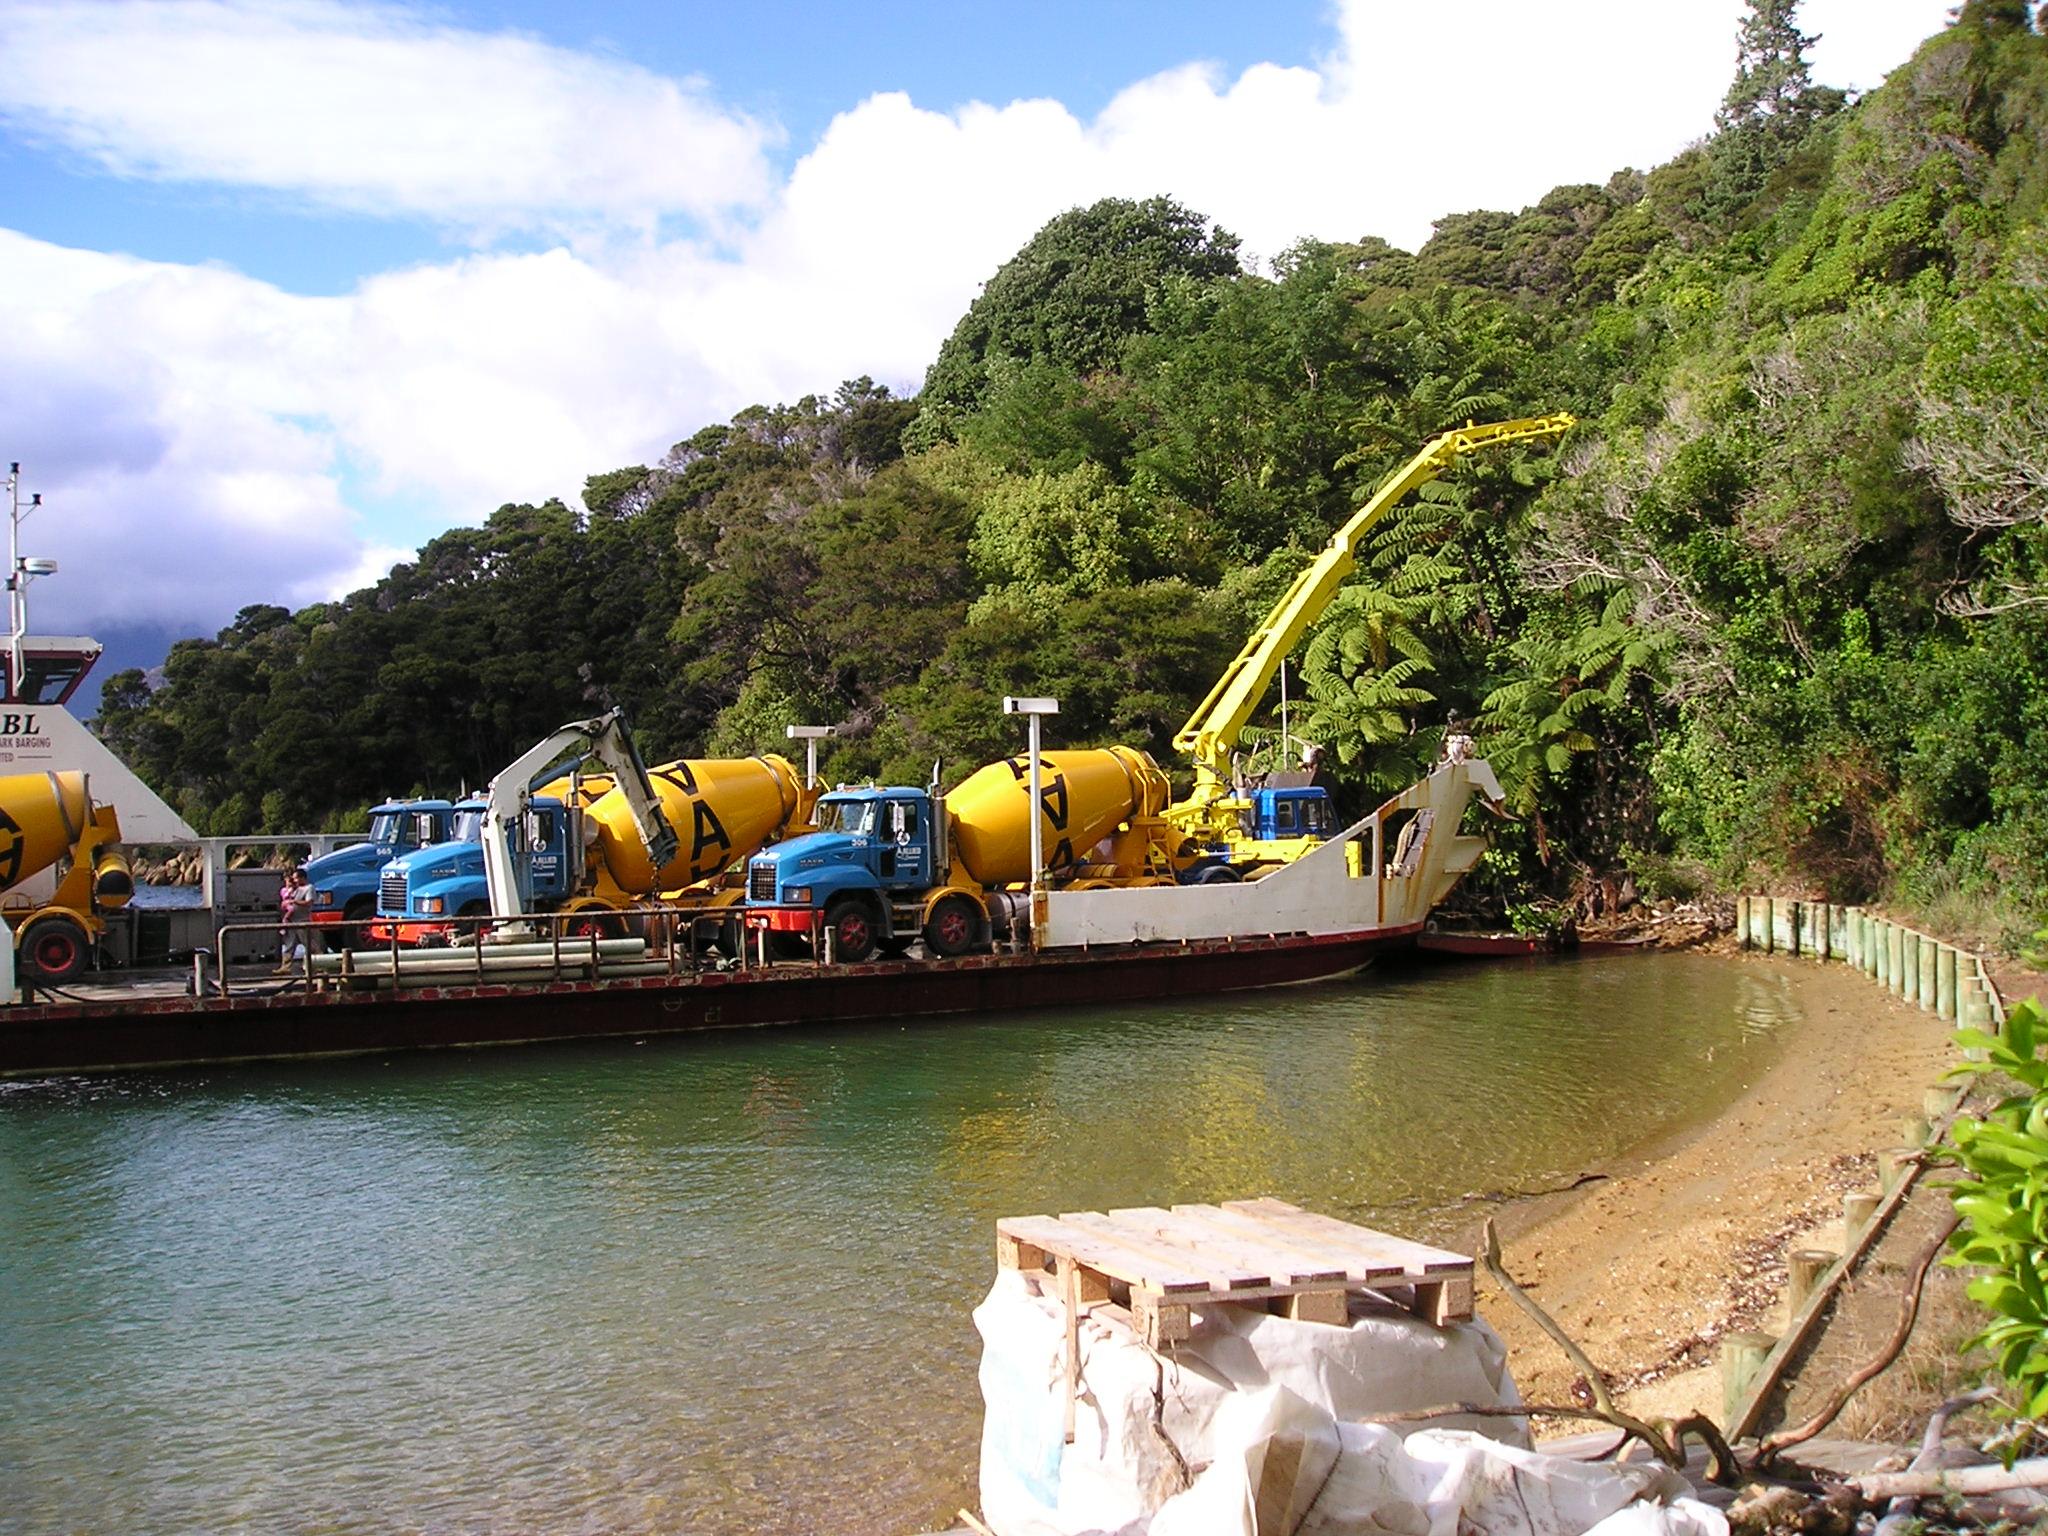 Lochmara Bay Pump for Glenroy 310307 012.jpg